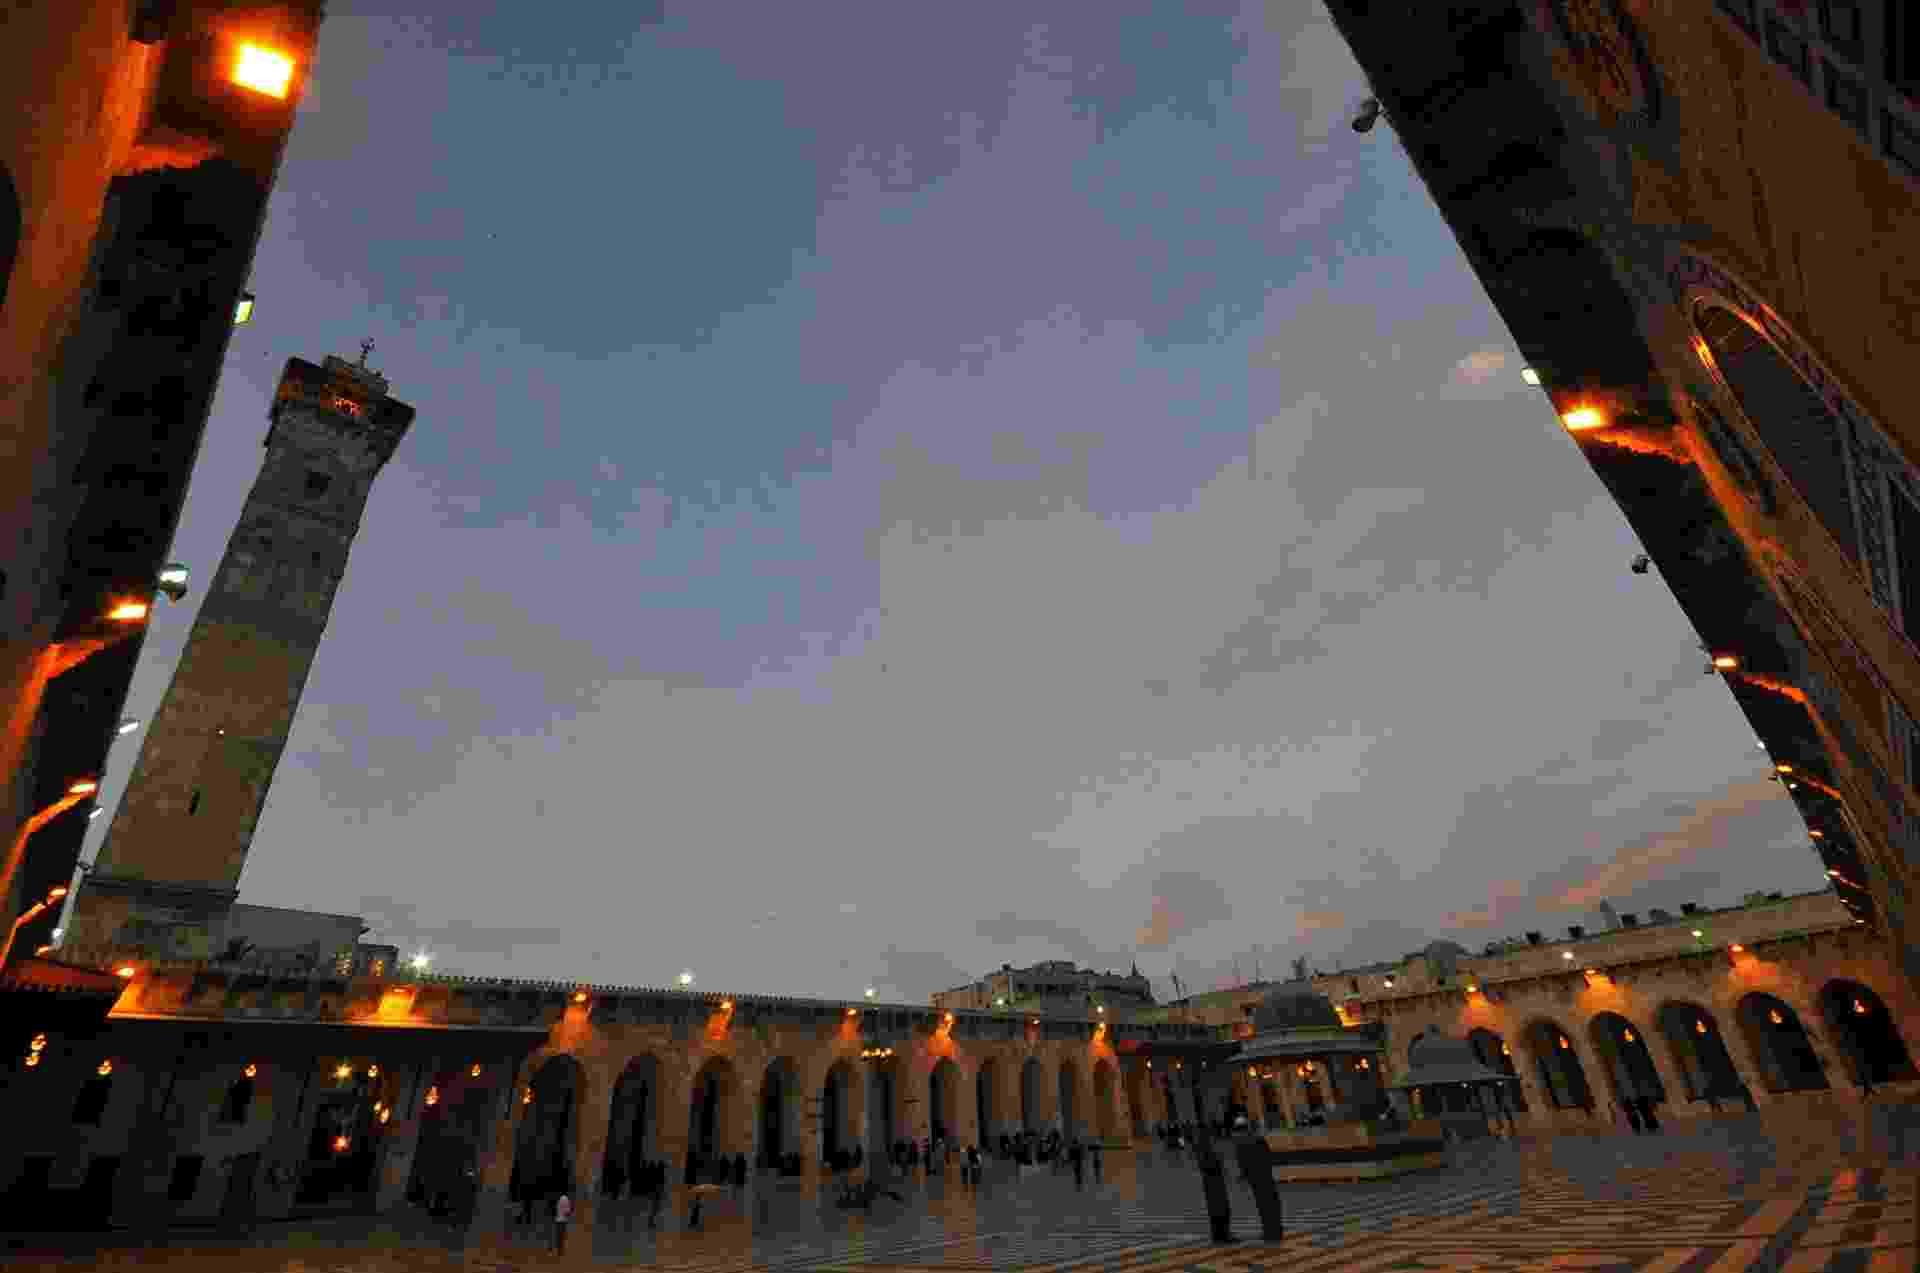 22.dez.2016 - Pessoas caminham em frente à mesquita Umayyad, em Aleppo, na Síria. A foto foi tirada em 2009. Antes da guerra, a cidade síria atraía muitos turistas por ter grandes tesouros do Oriente Médio - Omar Sanadiki/ Reuters